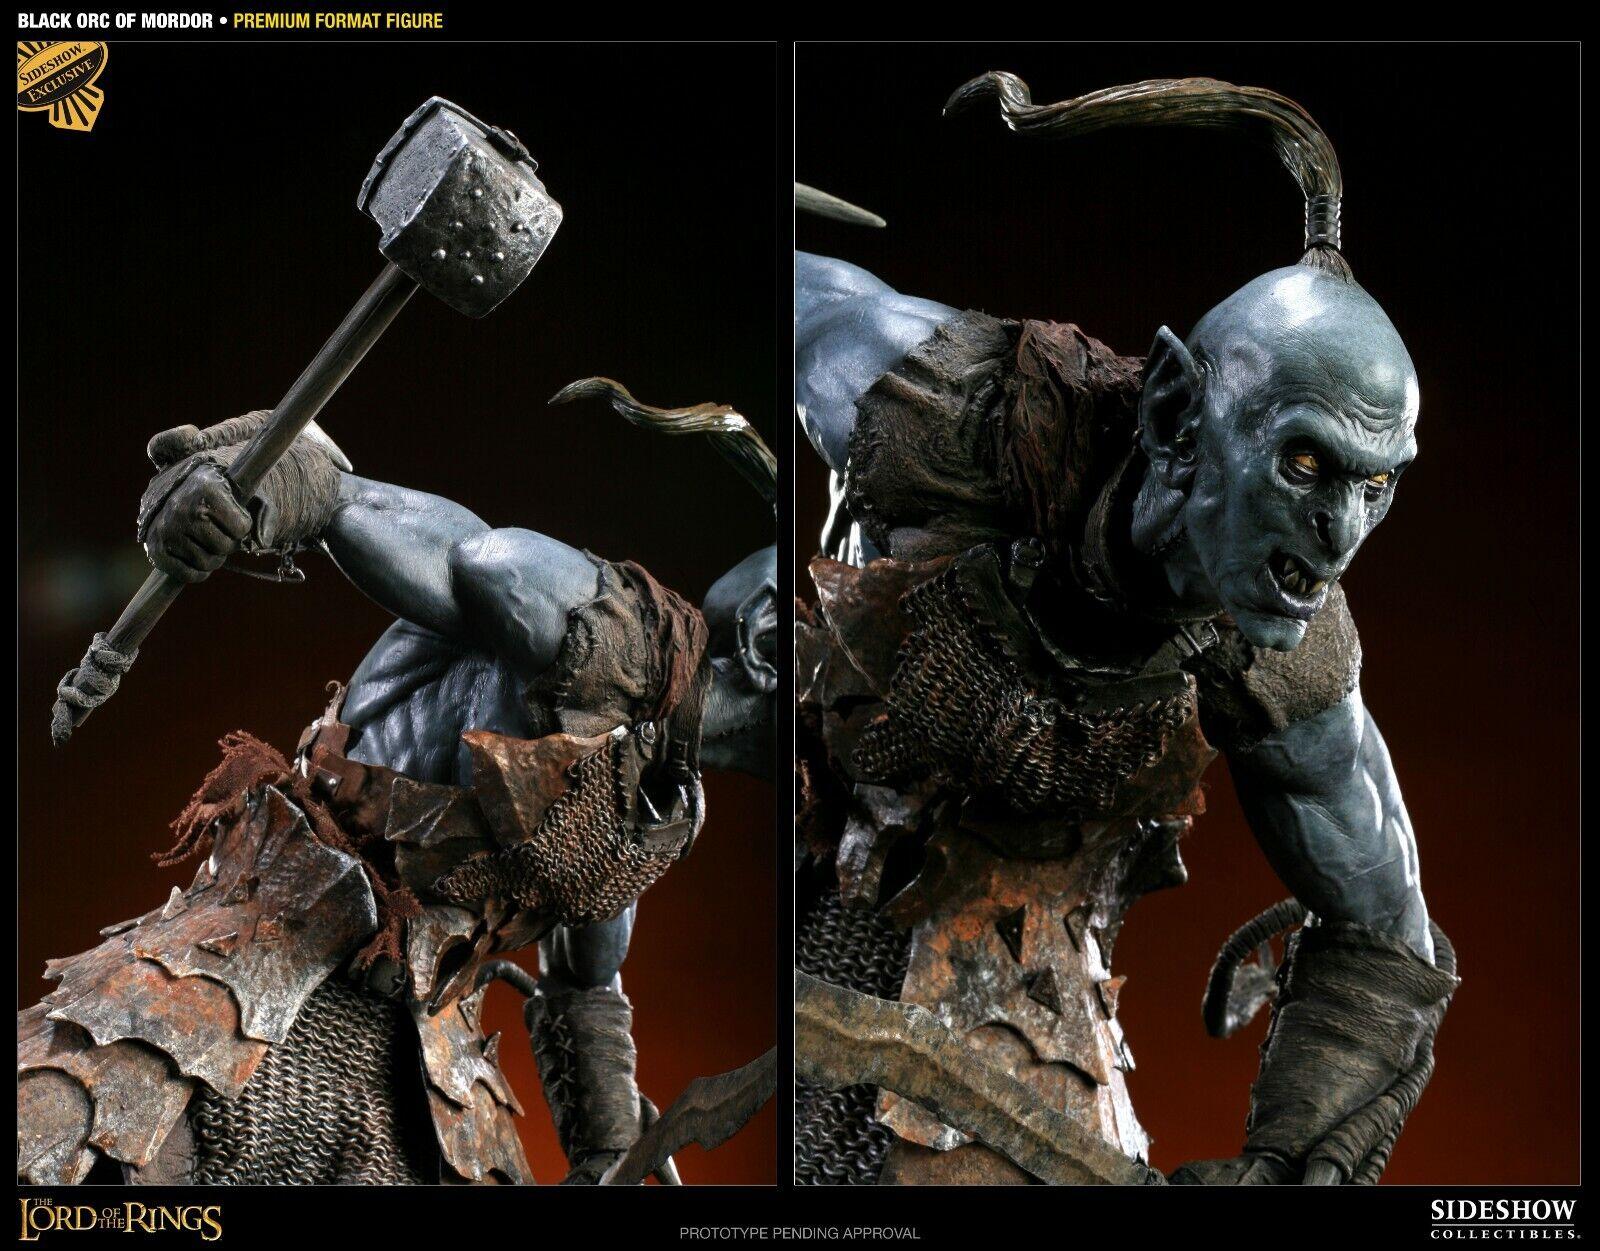 nuevo estilo Sideshow Negro Orco Orco Orco Premium Format Exclusive 1 4 Escala Estatua El Señor De Los Anillos  Mejor precio